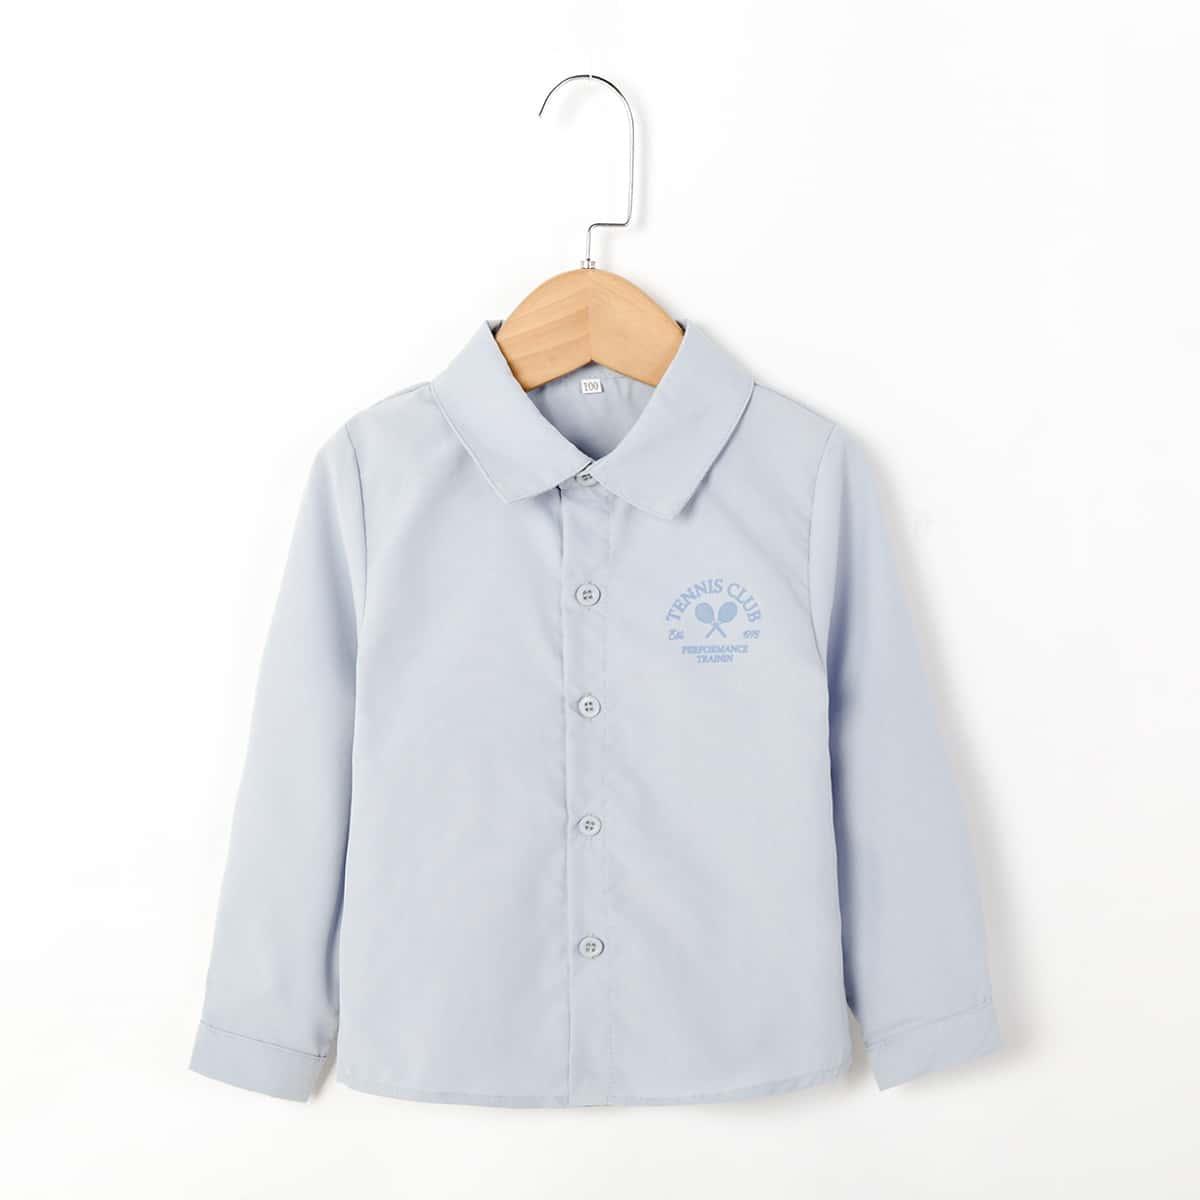 для мальчиков Рубашка Теннис и с текстовым принтом